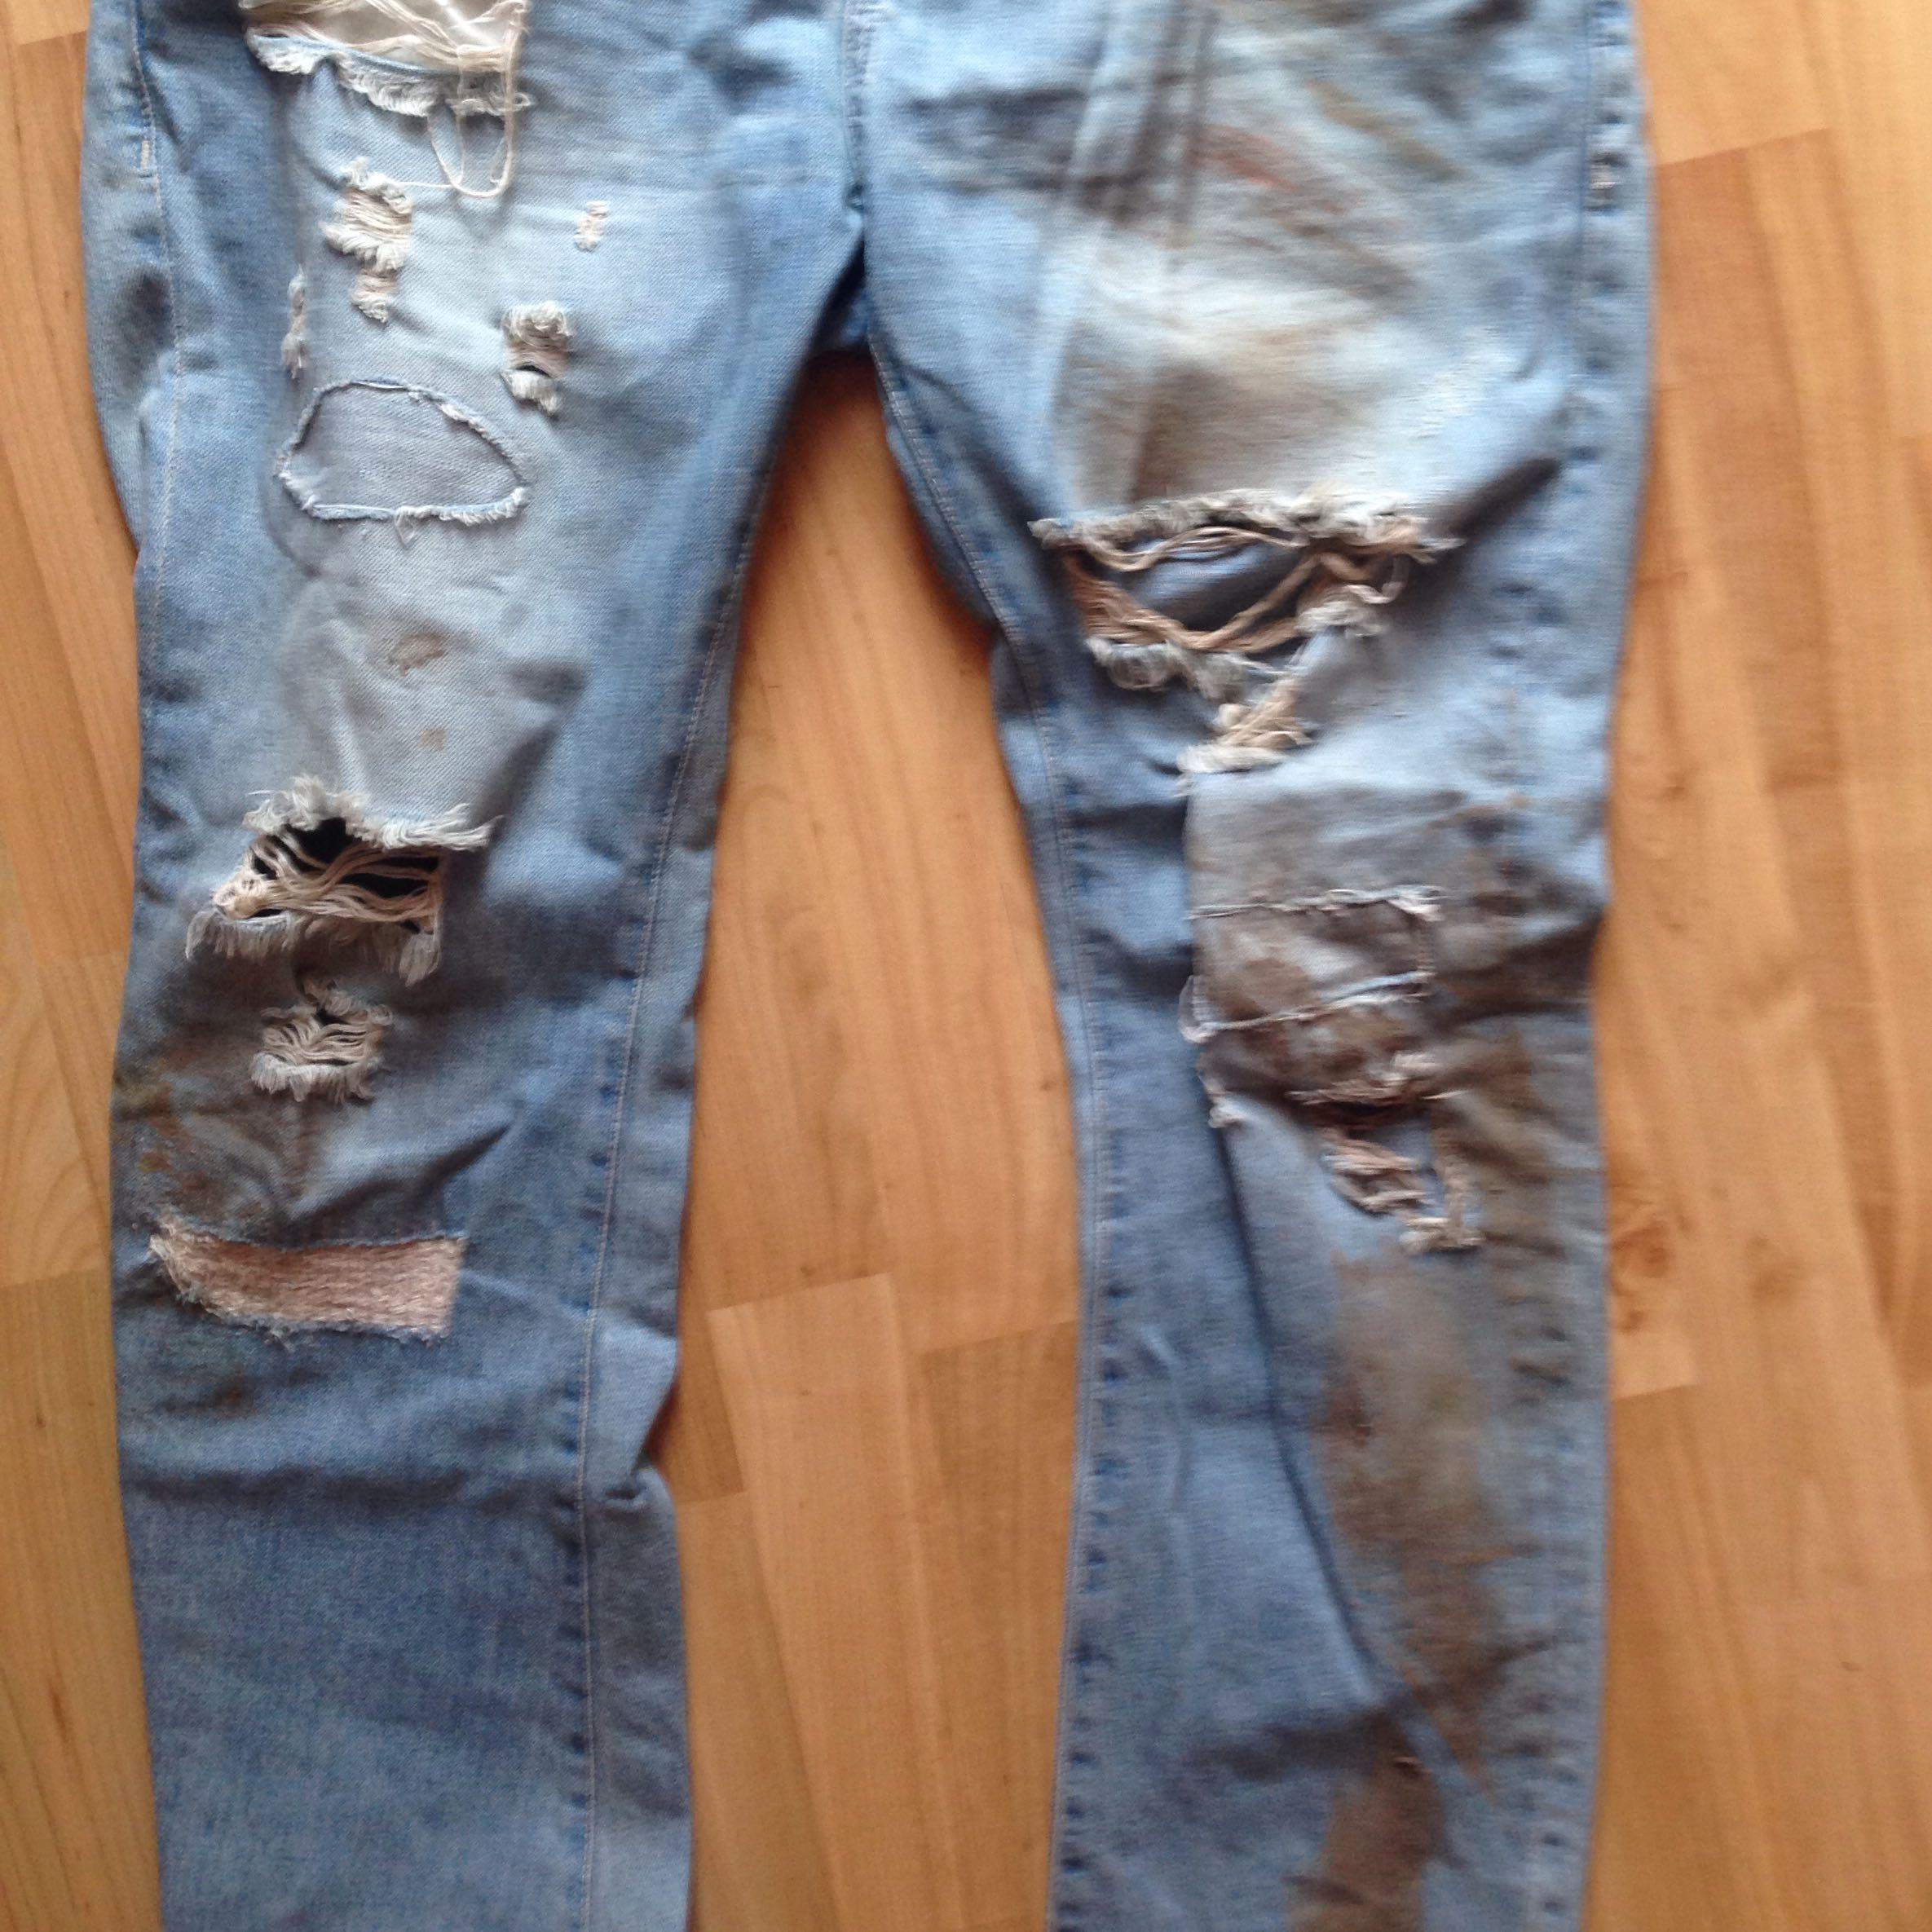 wie wasche ich eine stark verschmutzte jeans waschen. Black Bedroom Furniture Sets. Home Design Ideas